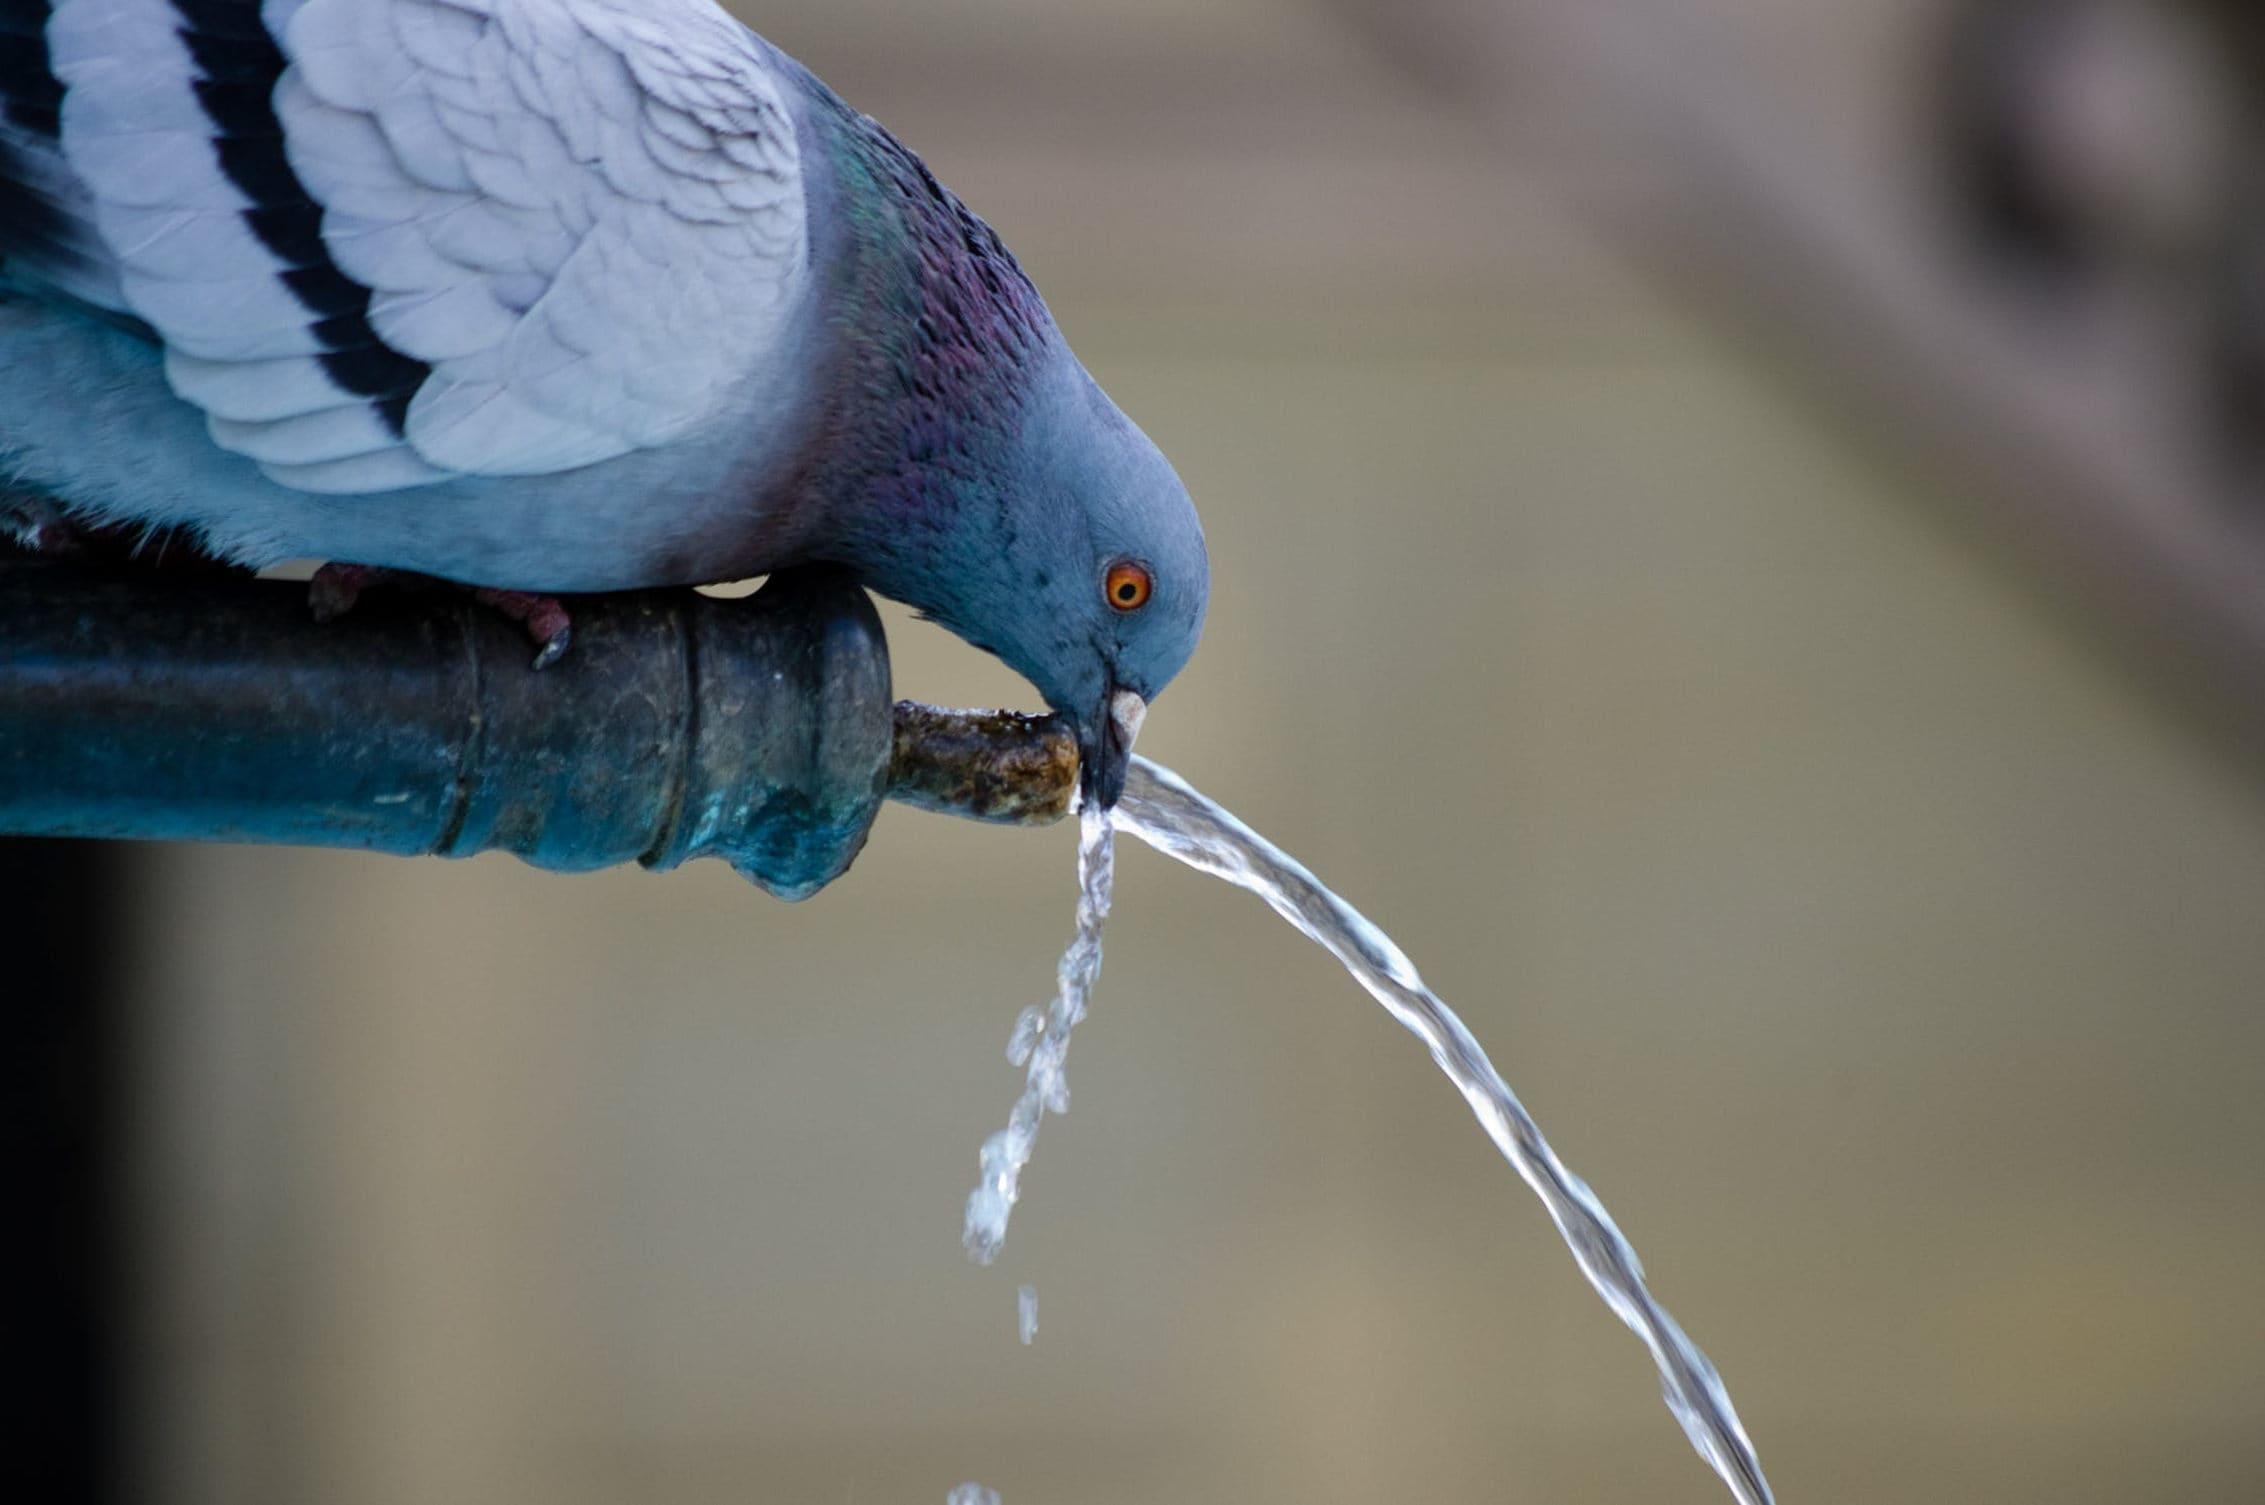 пьешь голубь картинка его выполнении необходимо